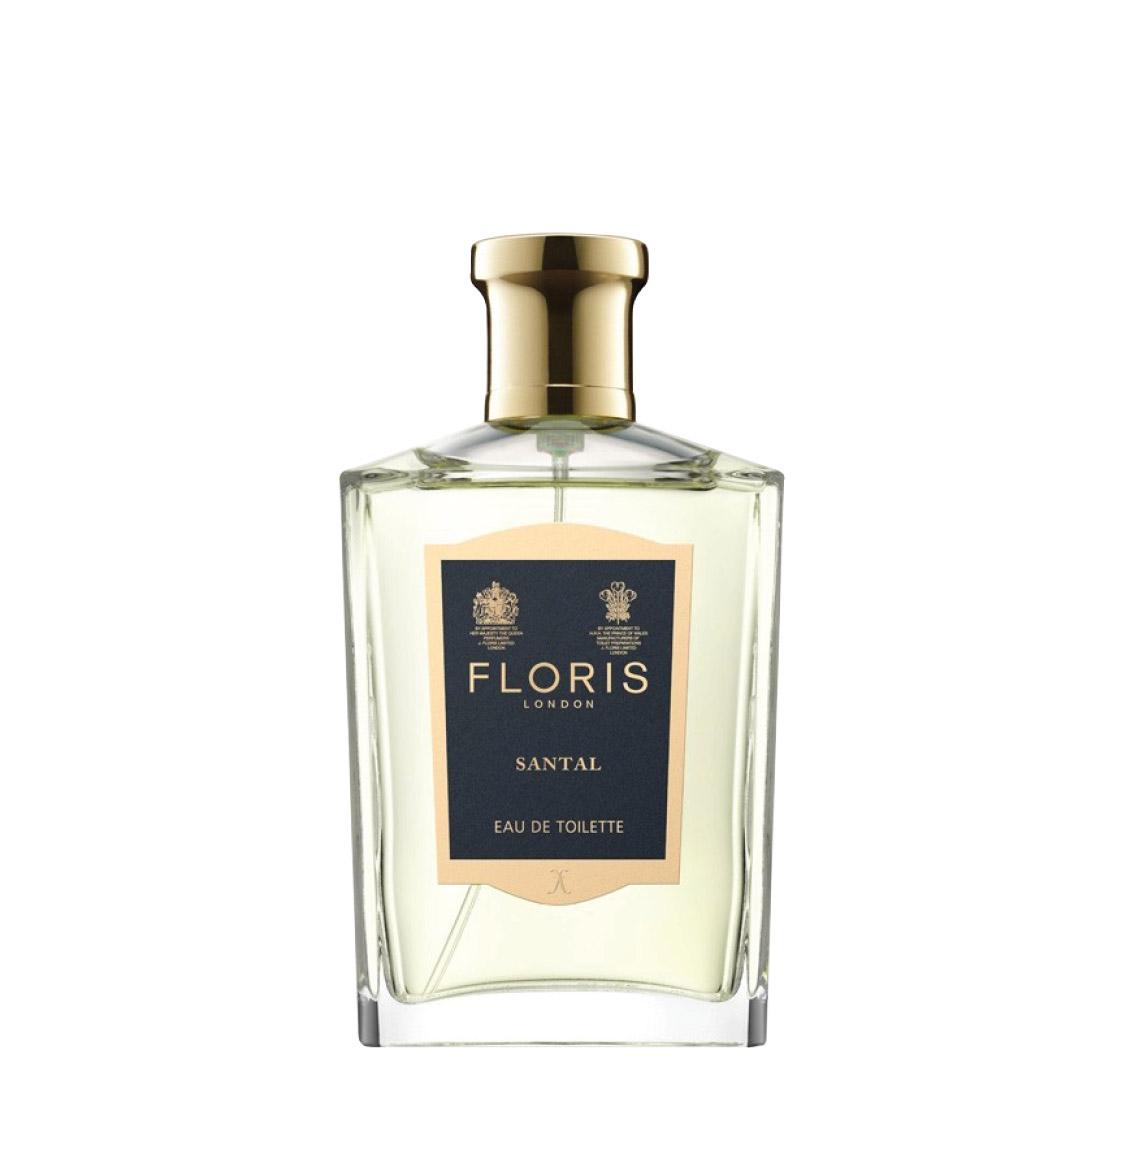 Floris London Santal Eau De Toilette 100ml